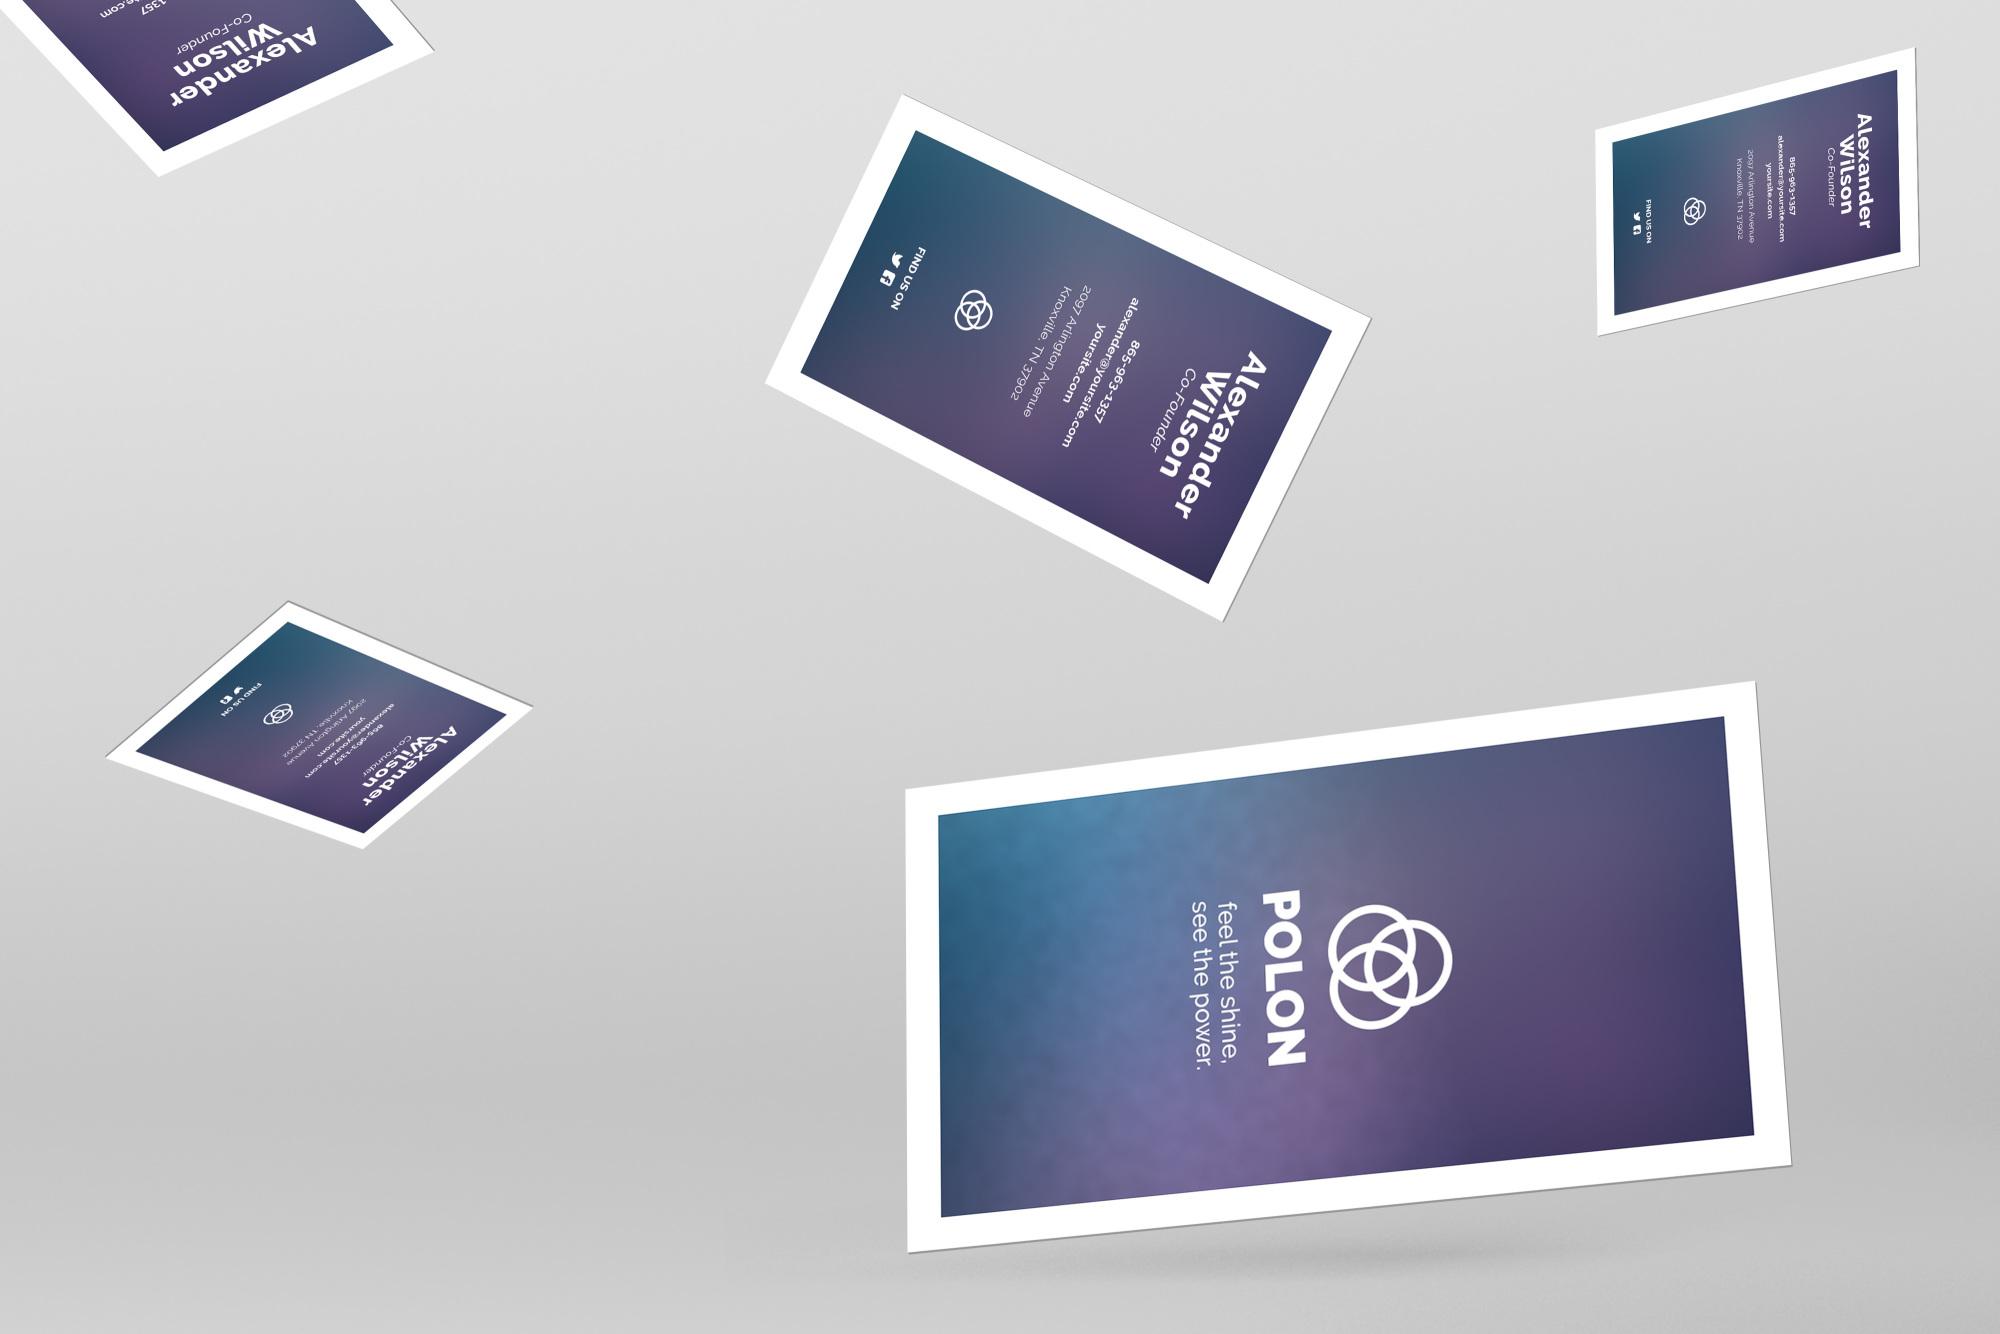 Polon - A Modern Business Card Template | Design Bundles